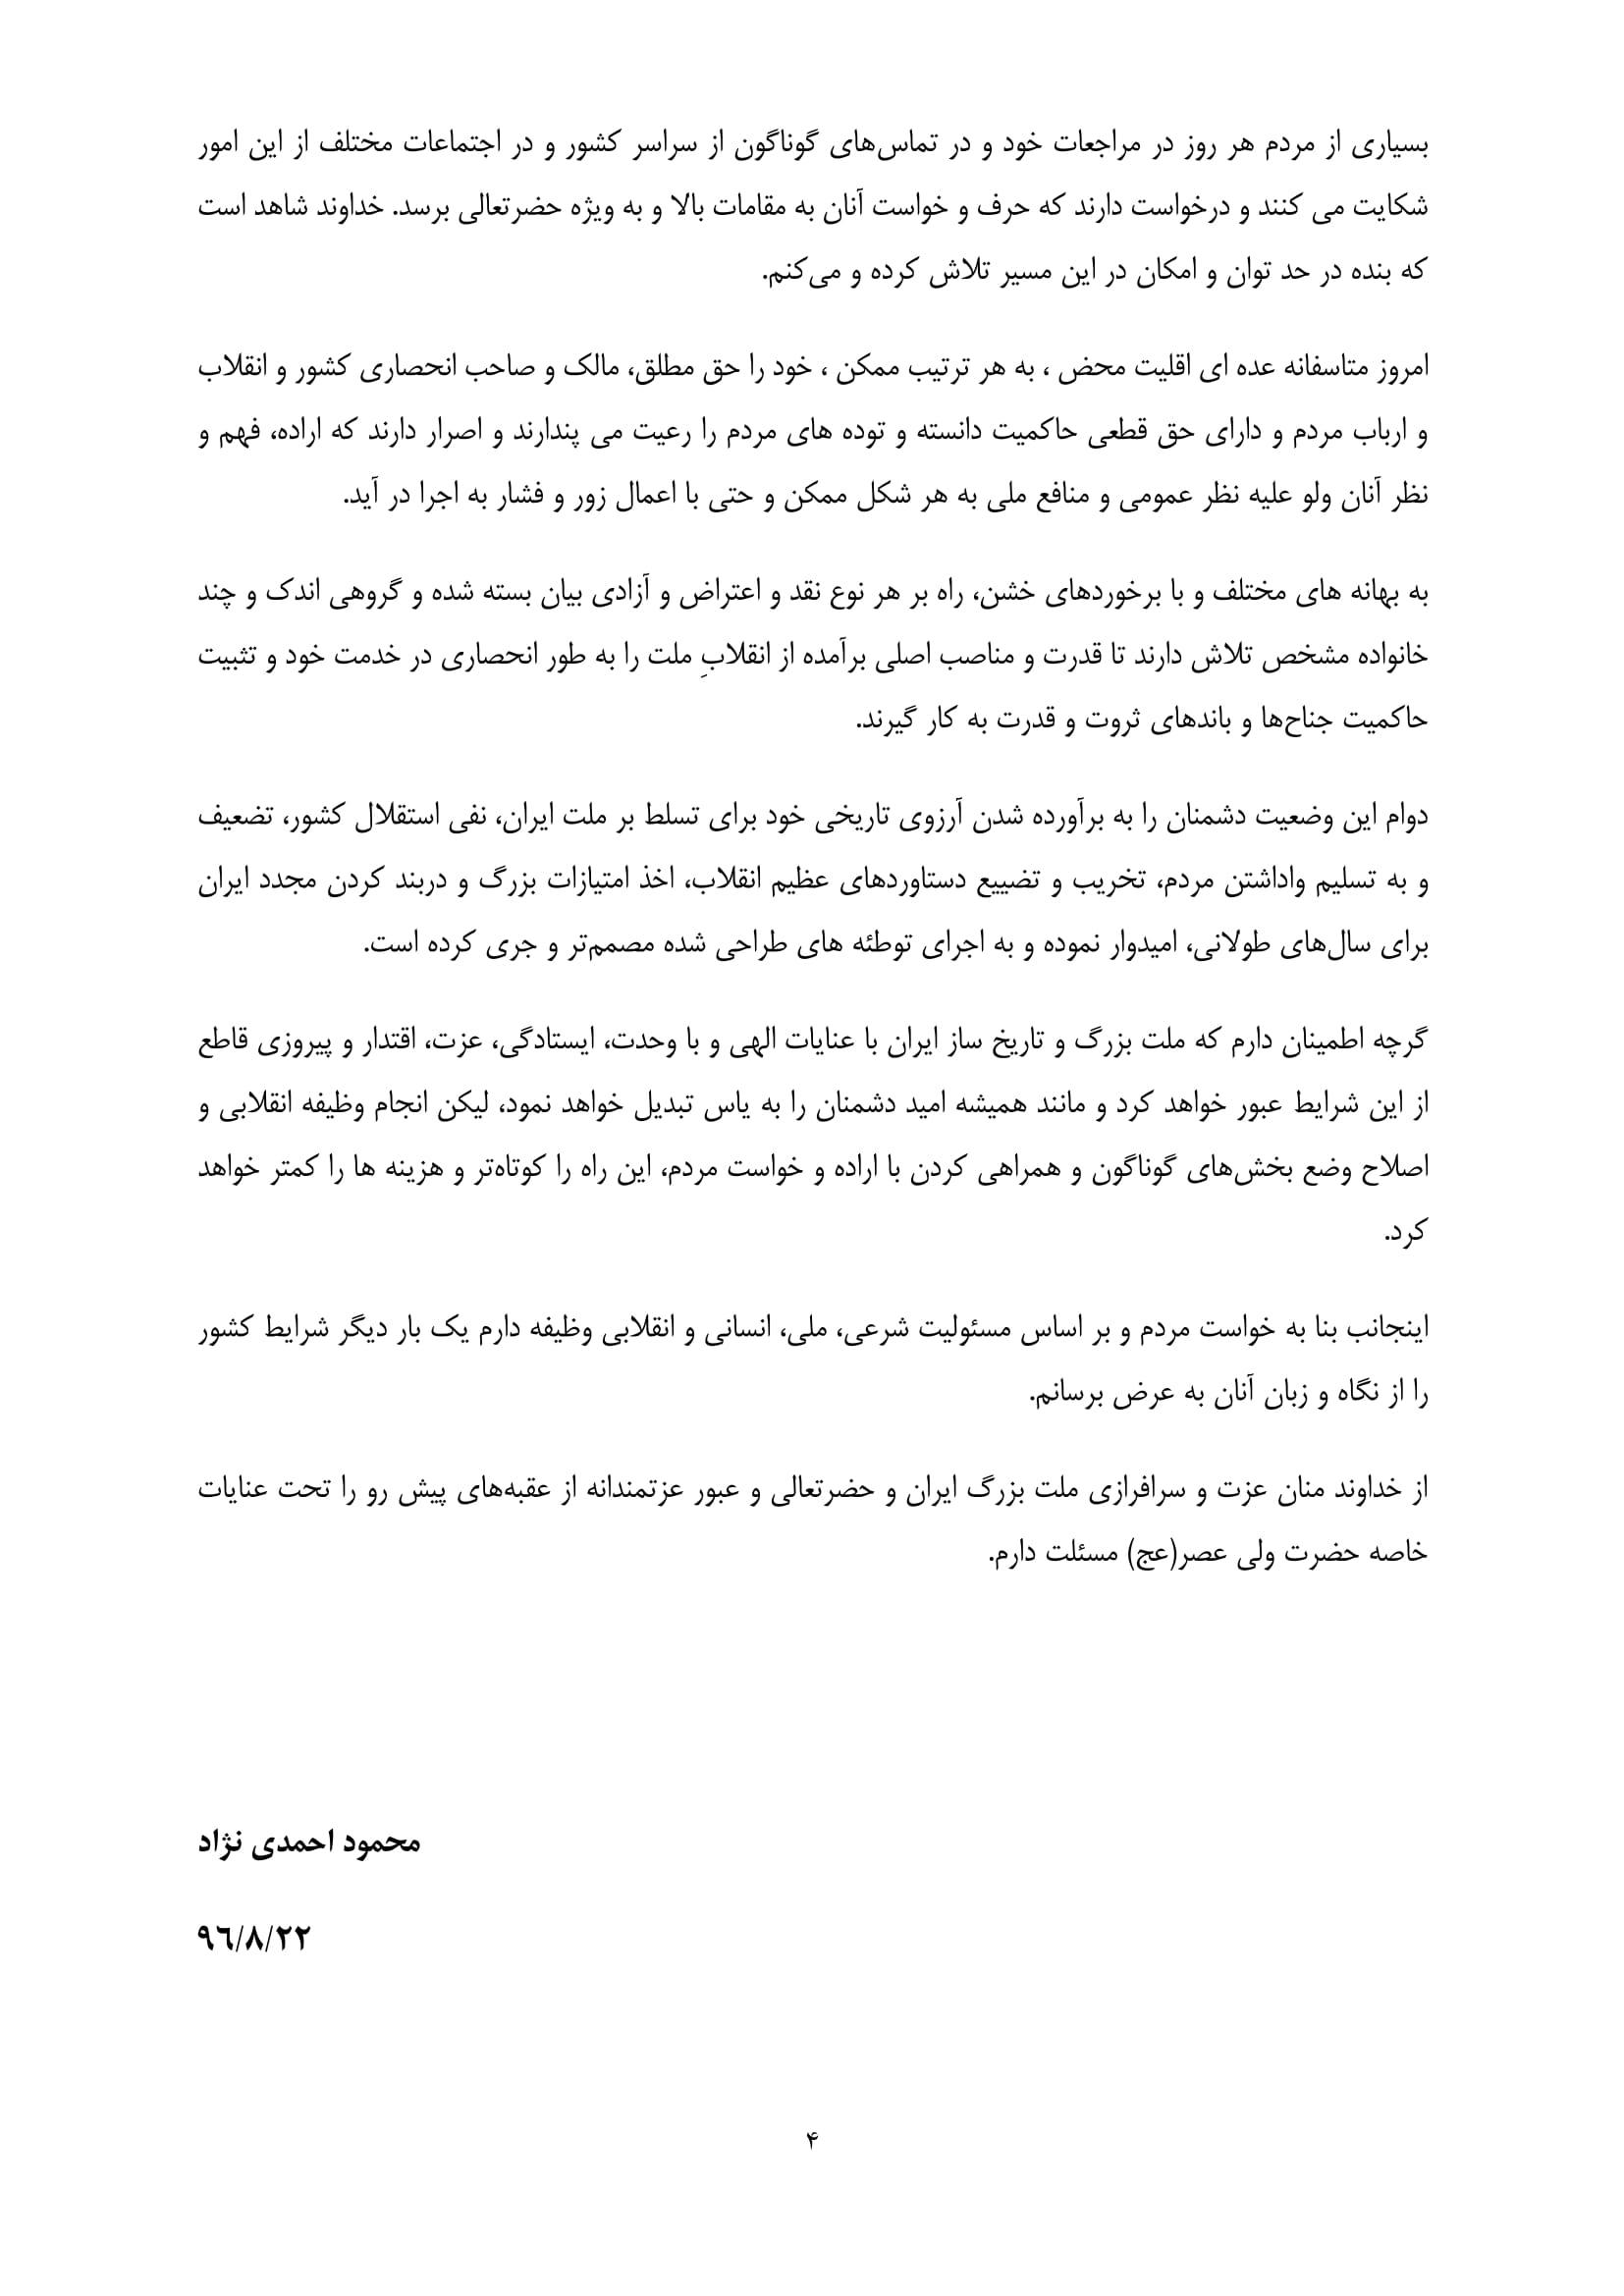 متن نامه احمدى نژاد به رهبرى